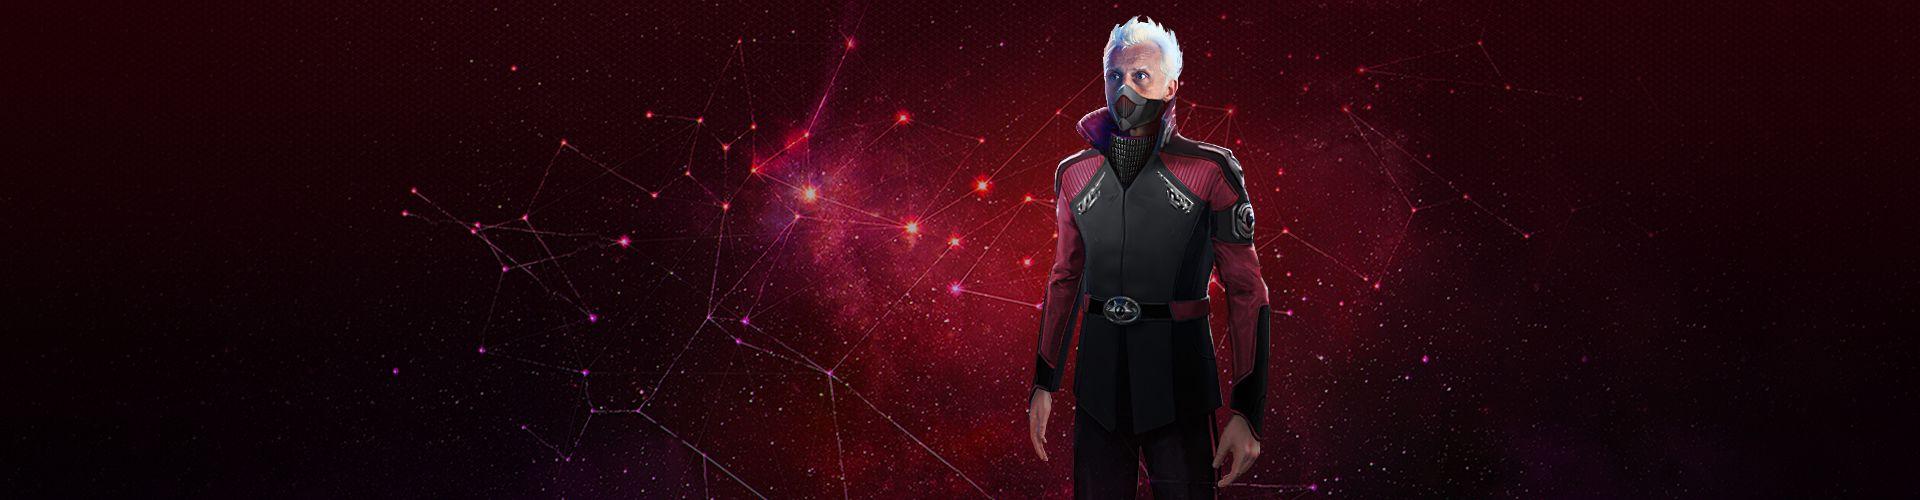 Terran Khanate | Master of Orion